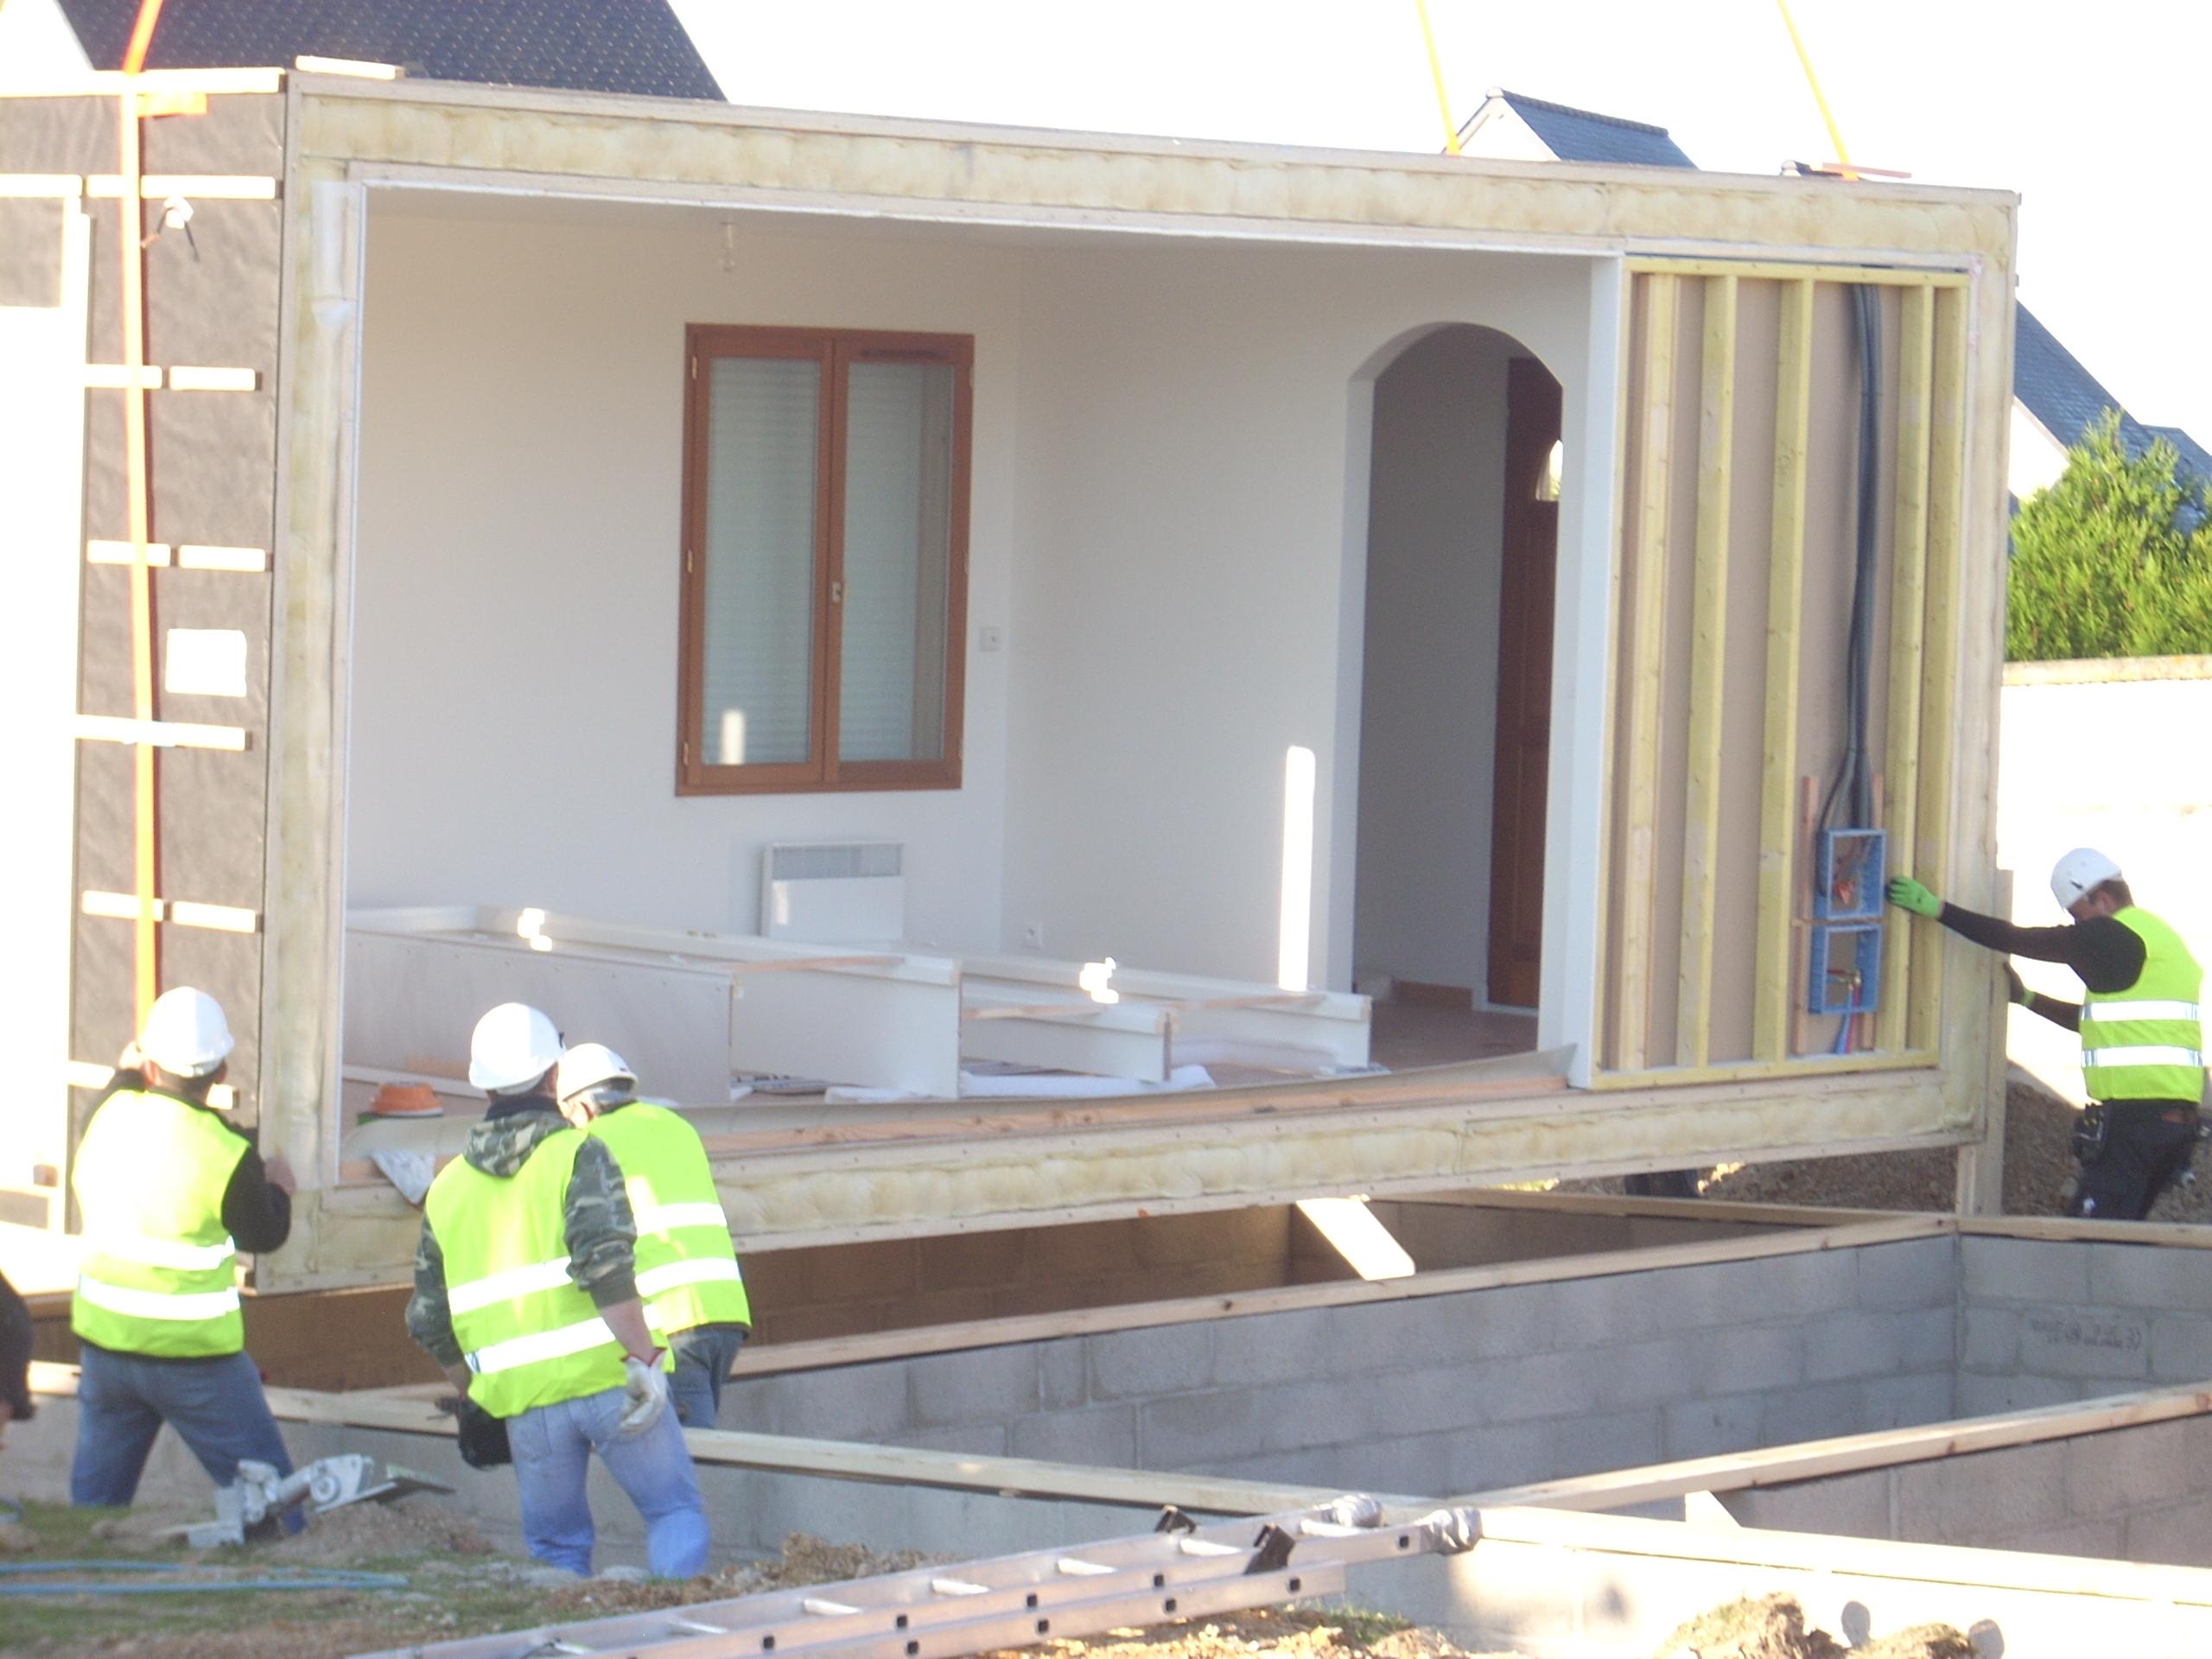 Extension Ossature Bois En Kit - Extension Maison Ossature Bois En Kit Container Extension La Ht Modulaire Pour Avoir Un